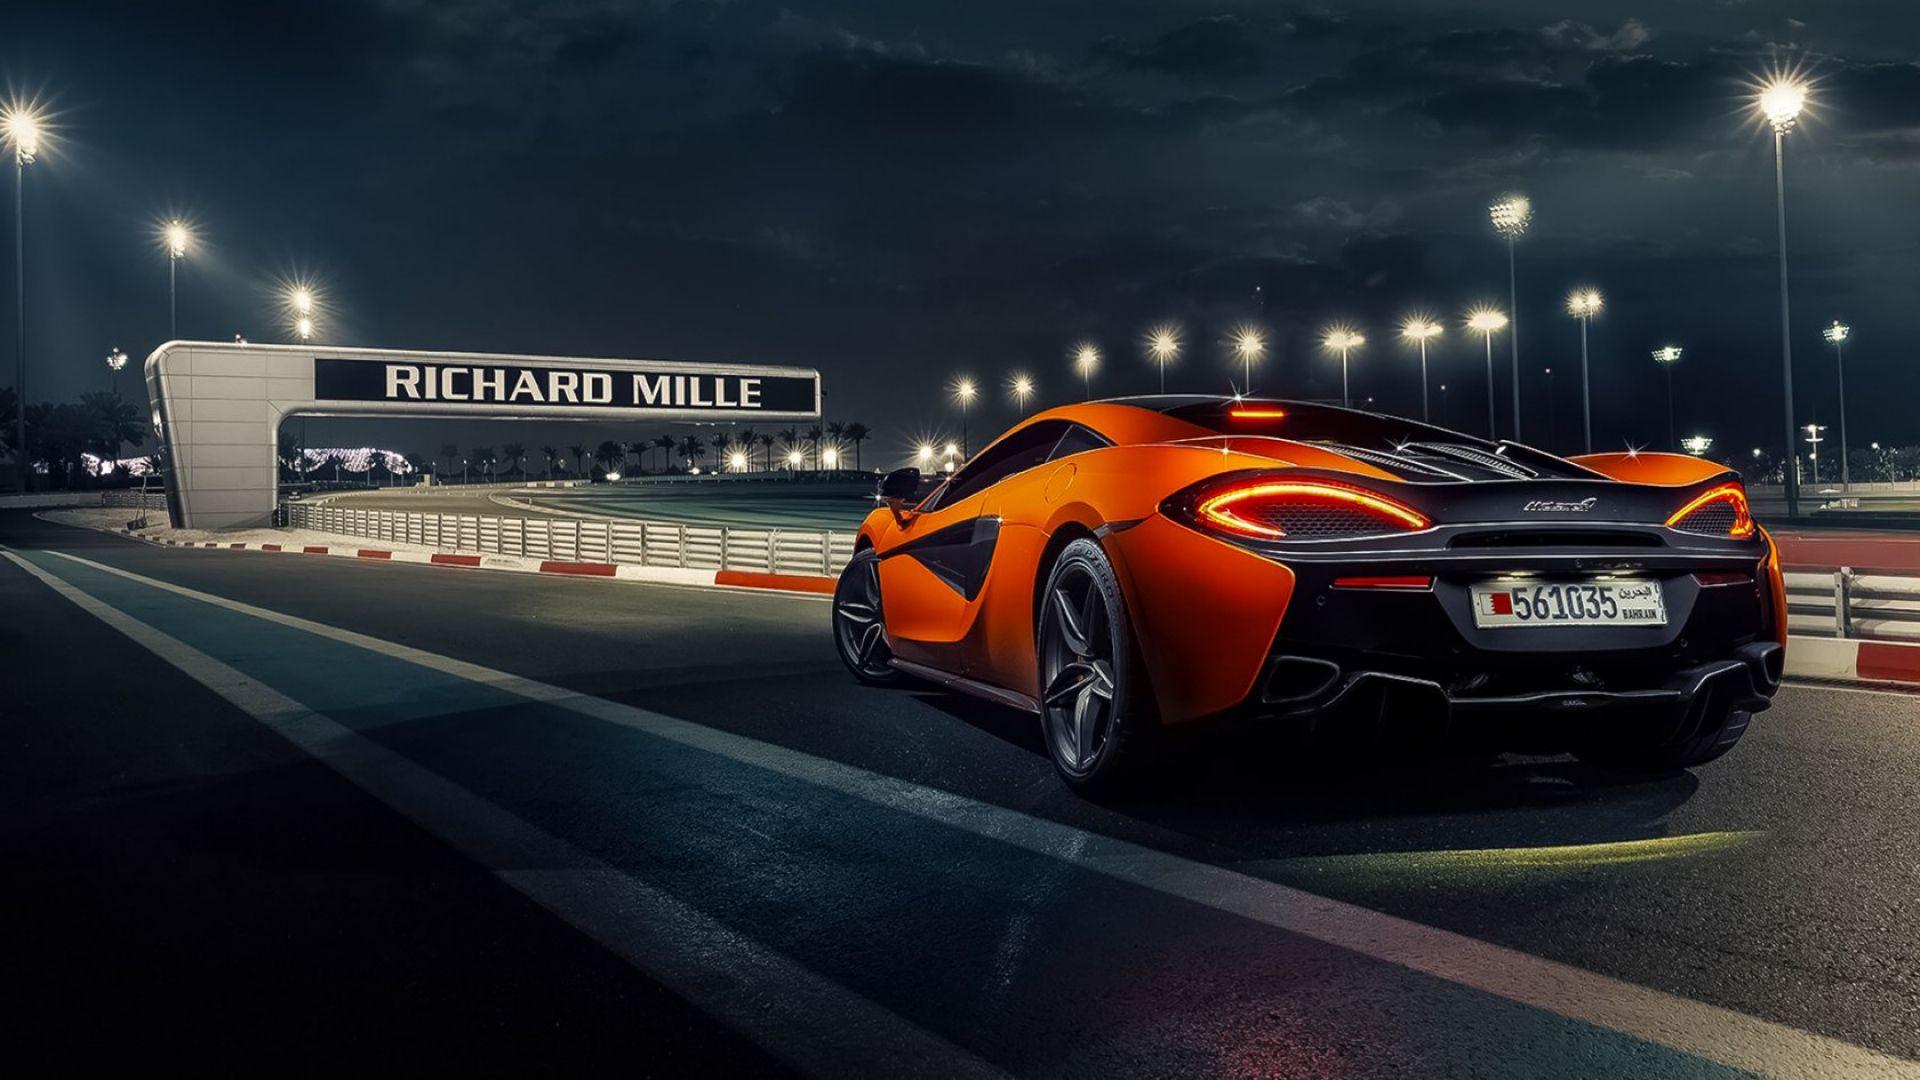 McLaren 570s Orange City Road HD Wallpaper [1920x1080